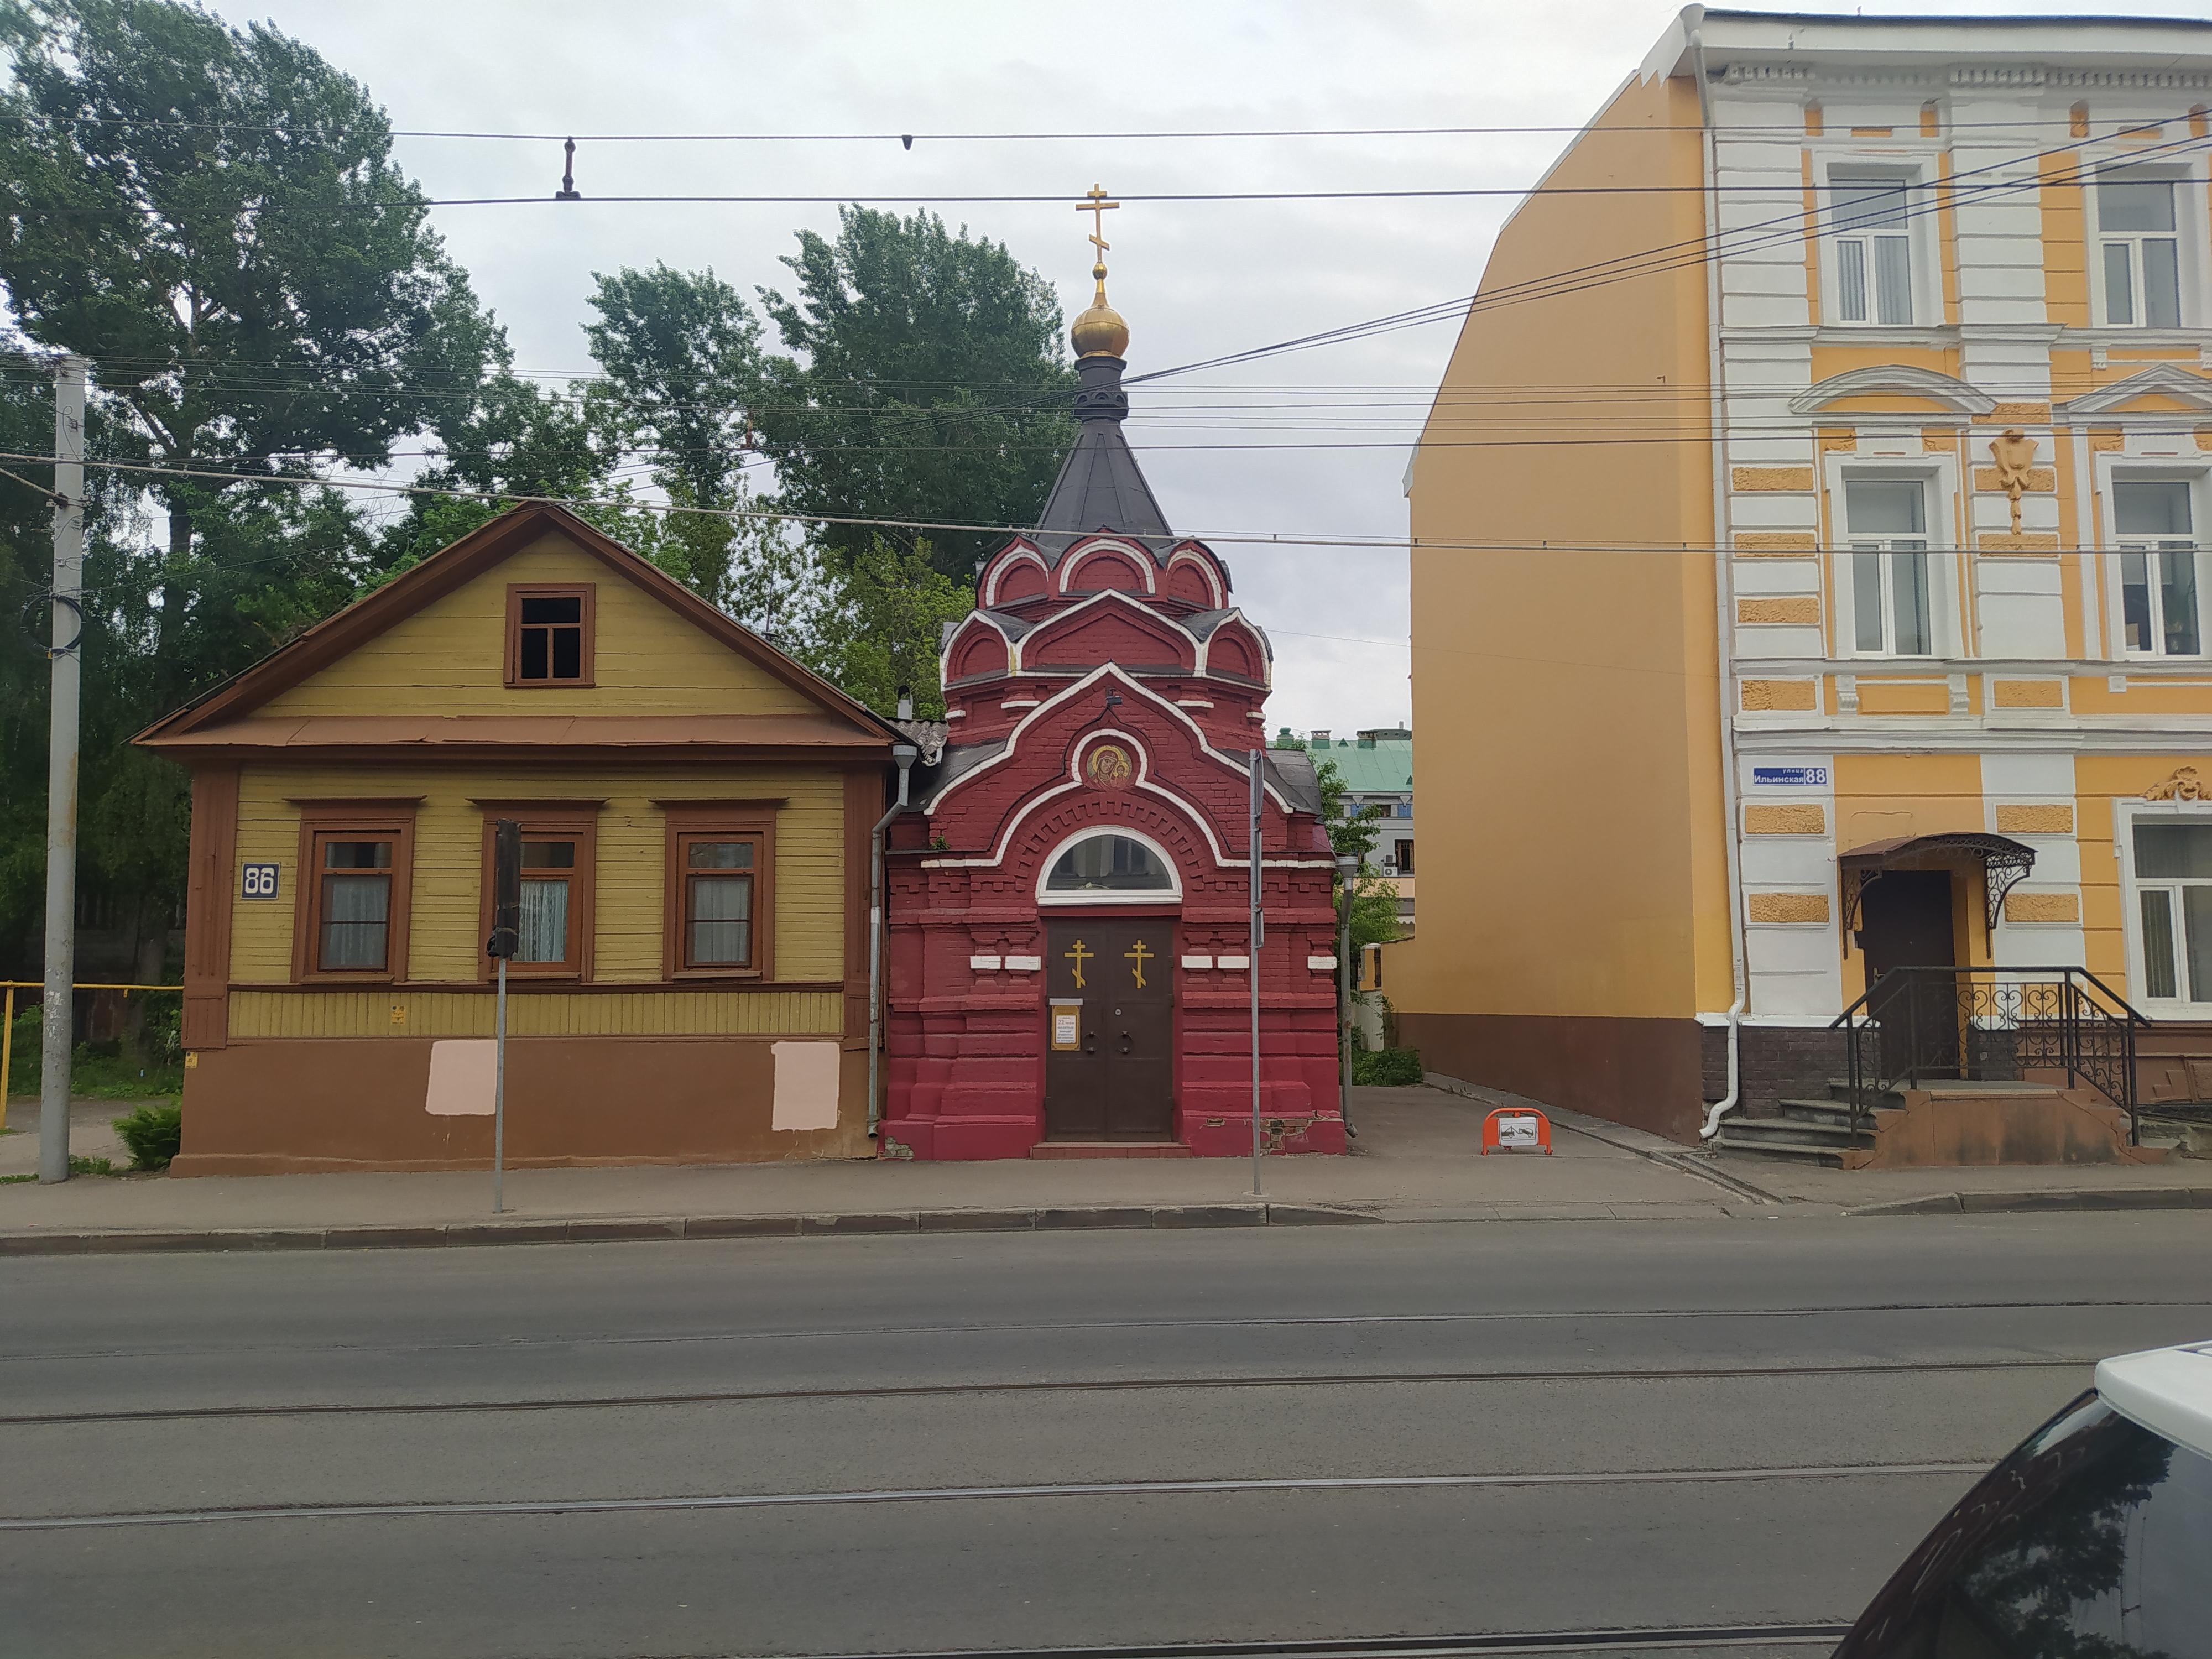 Ильинка 800: Реставрация, реновация и бесшумные трамваи - фото 8